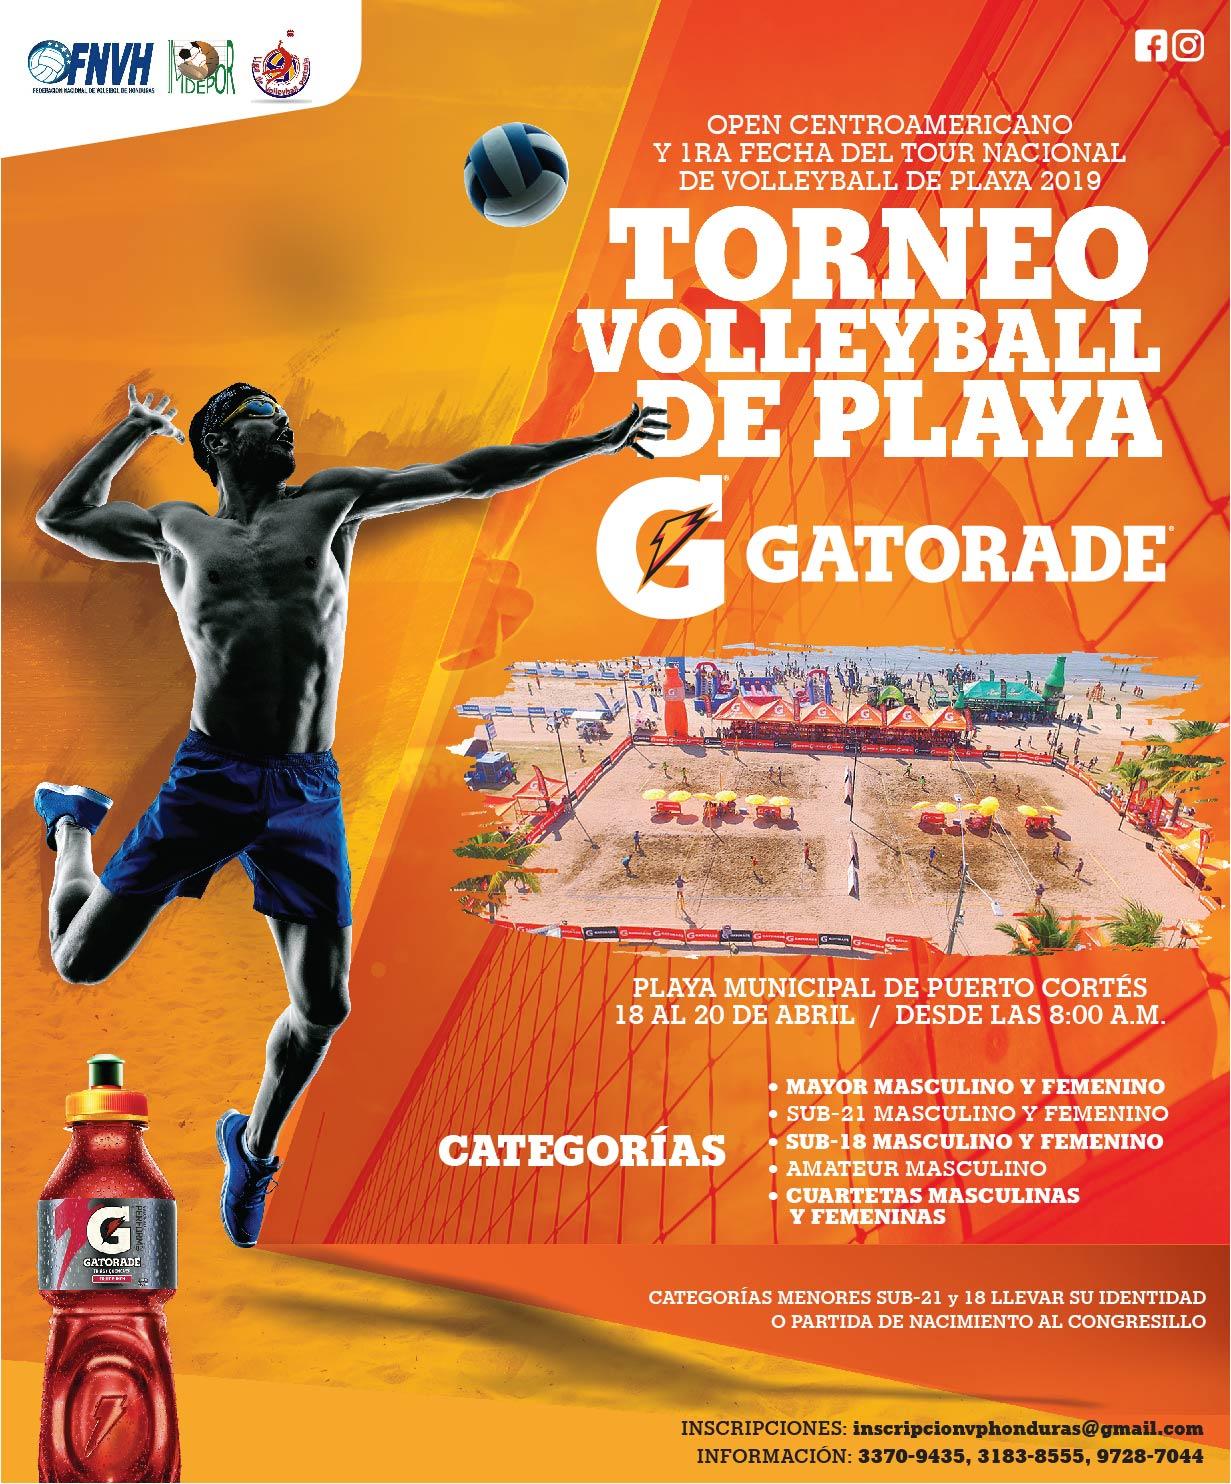 AF_Torneo_Volleyball_Gatorade_-01